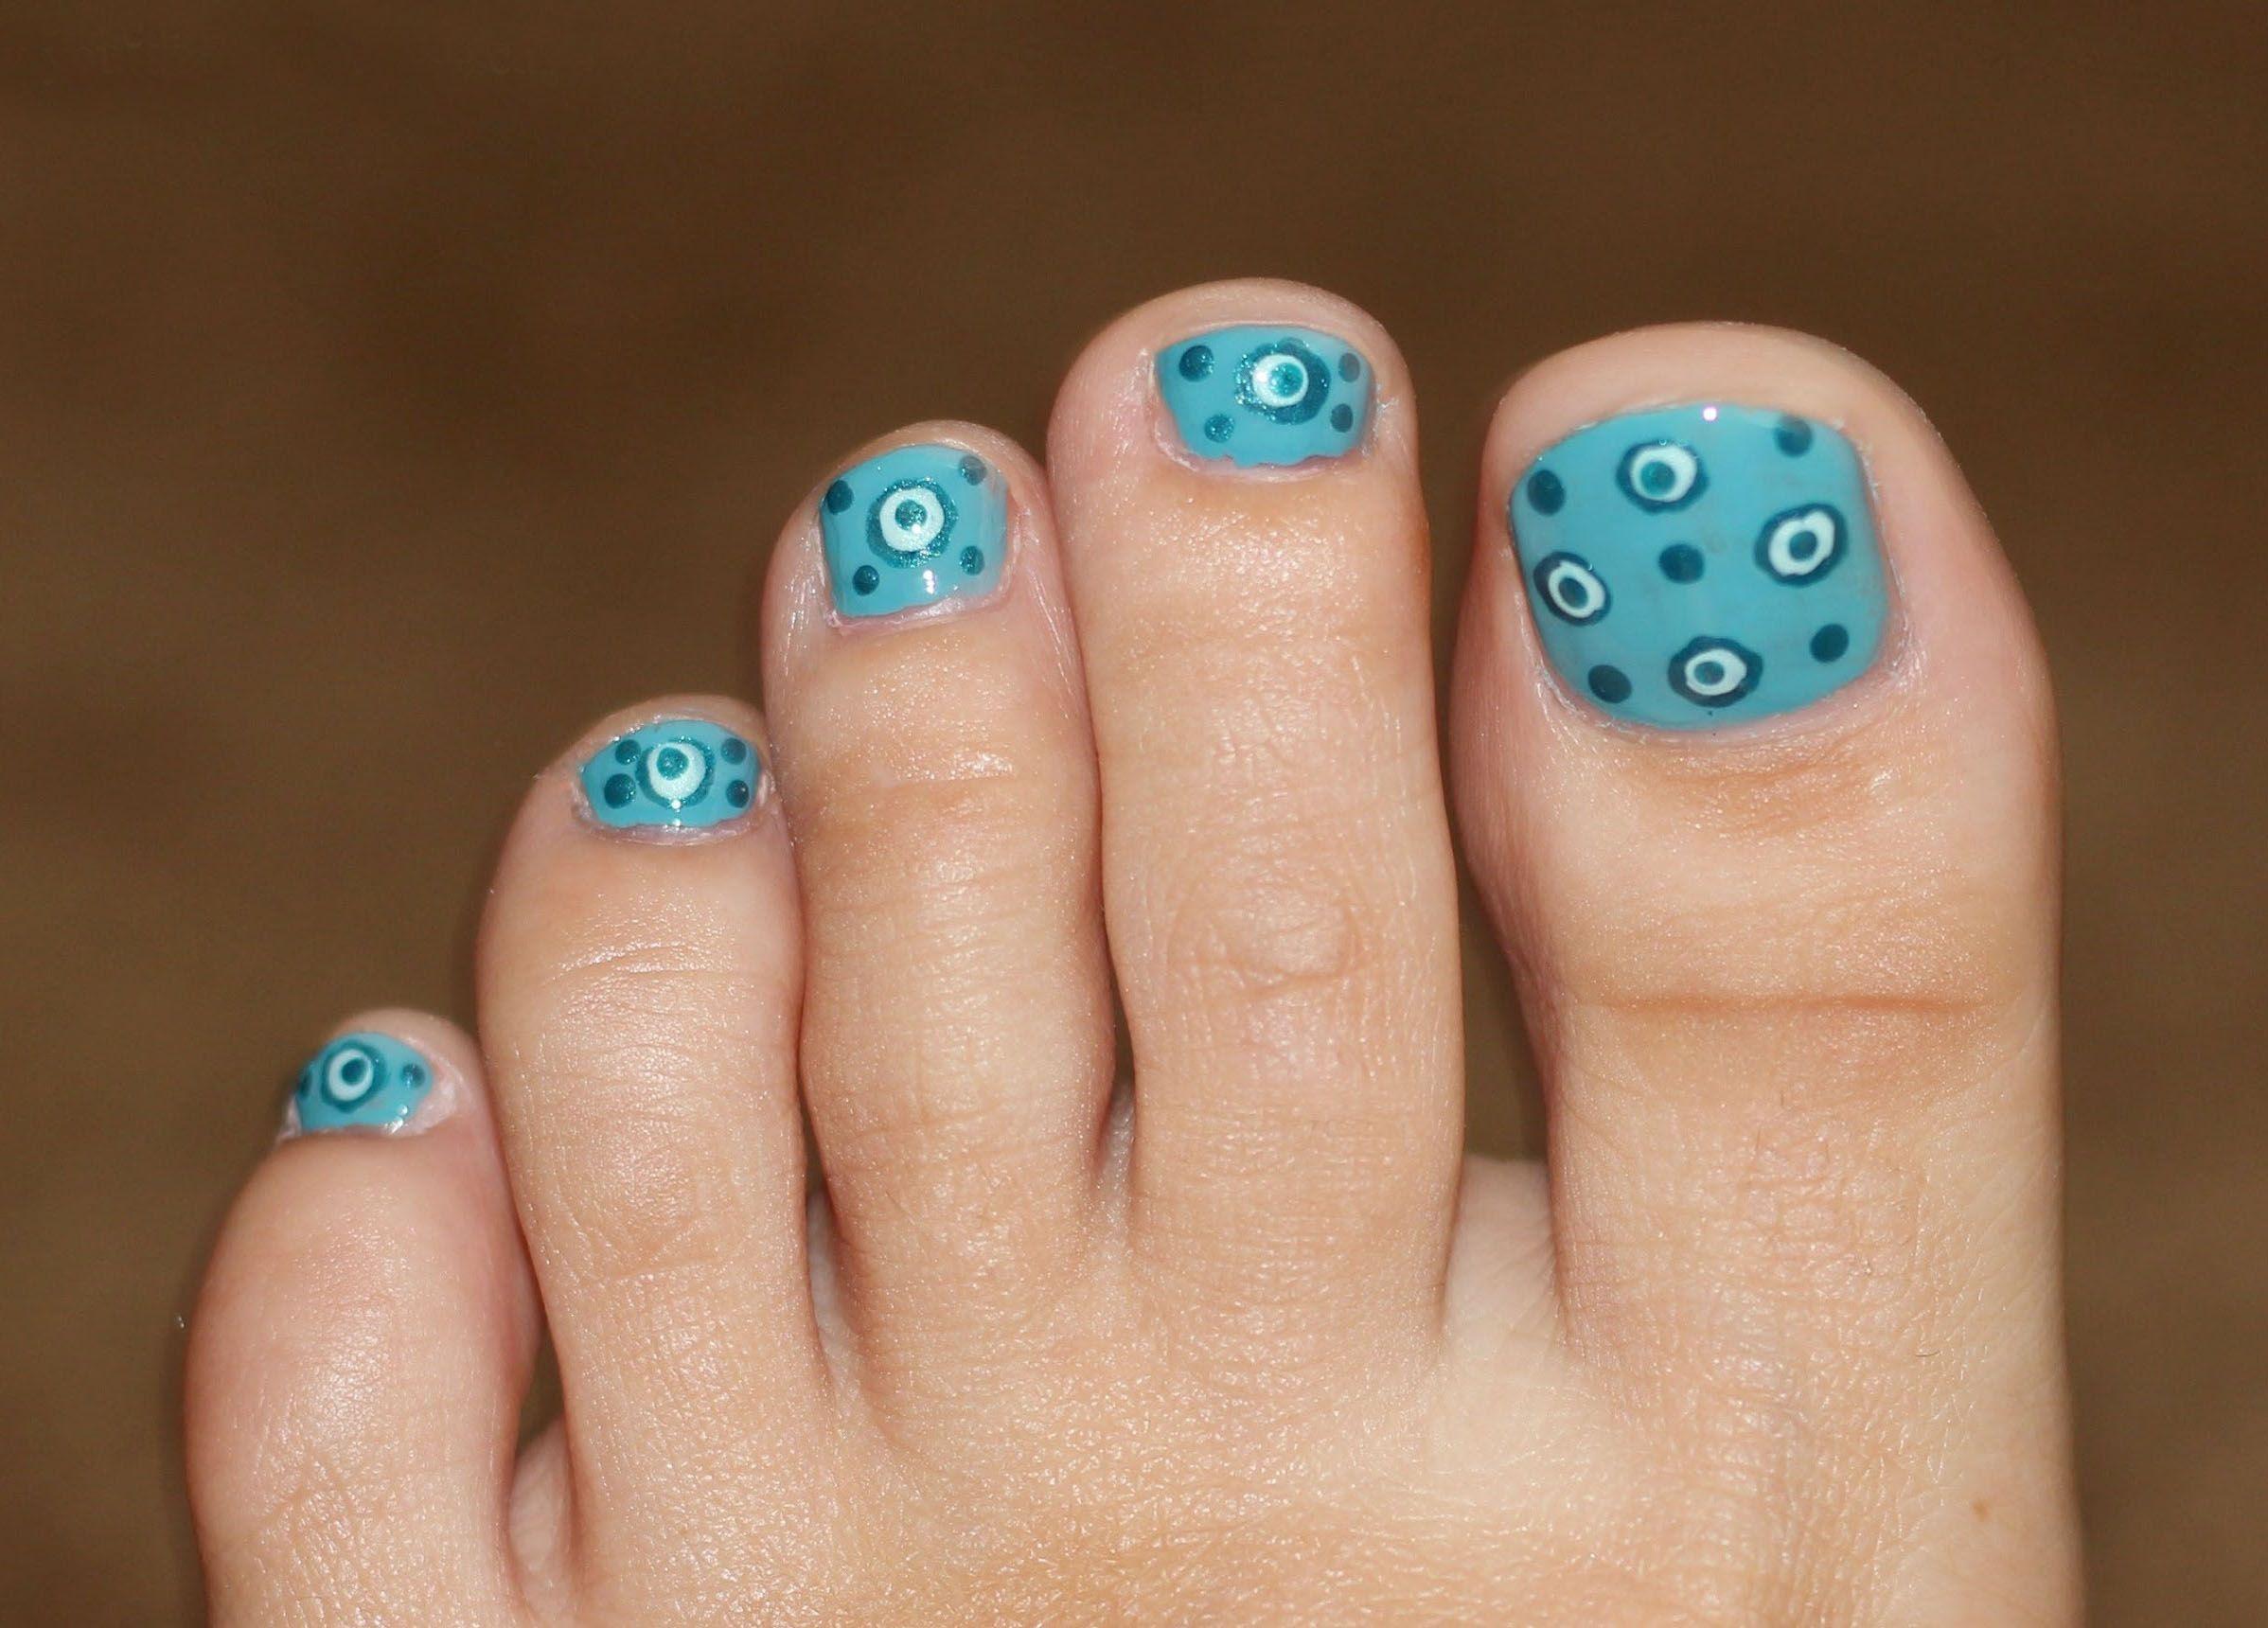 Foot Toe Nail Design For Women Nail Designs Pinterest Toe Nail